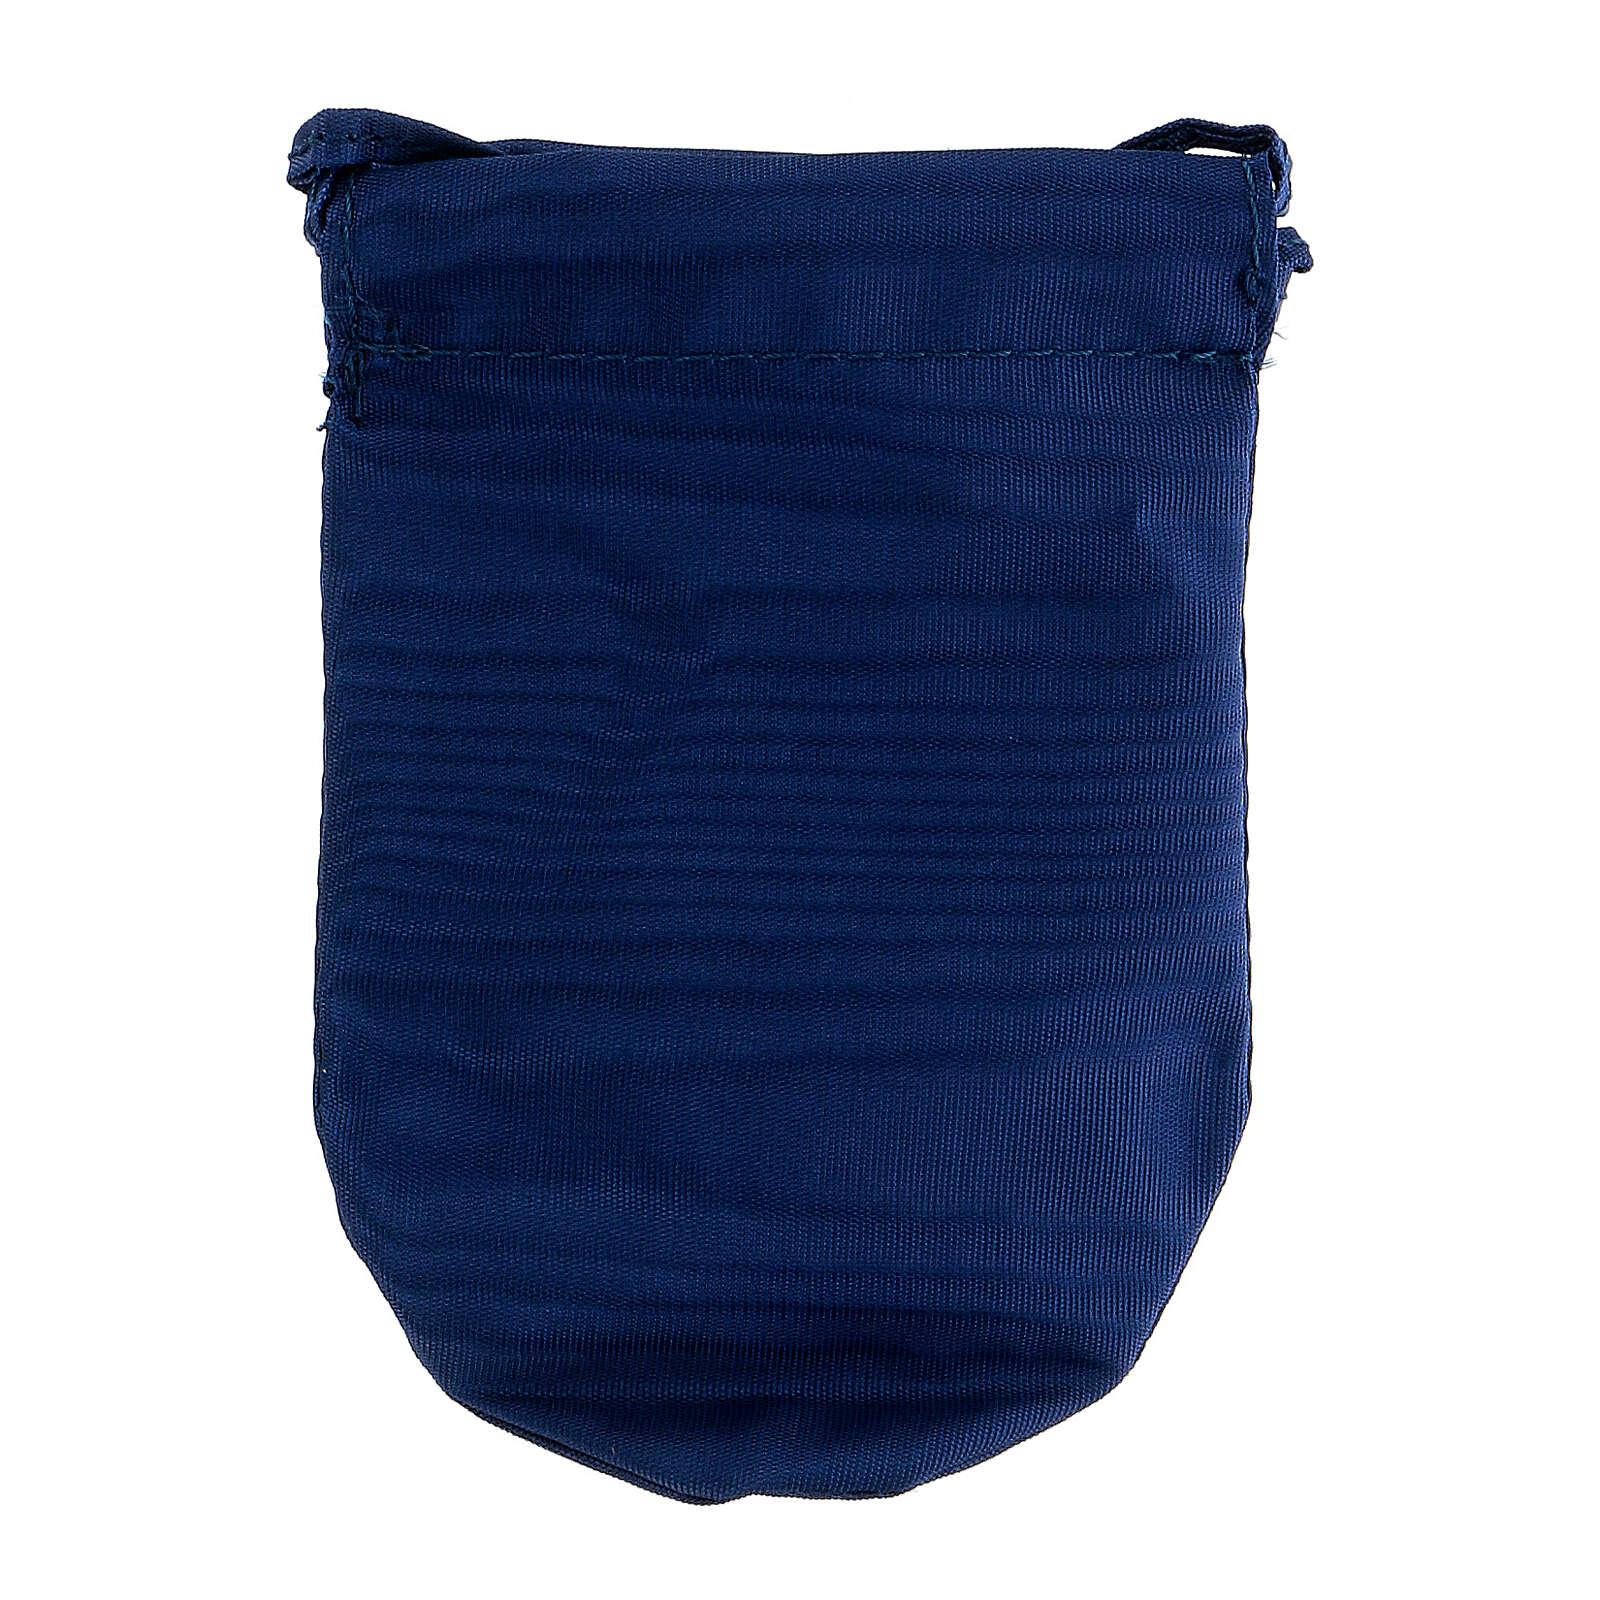 Sacchetto portaviatico blu in Jacquard teca 8 cm 3